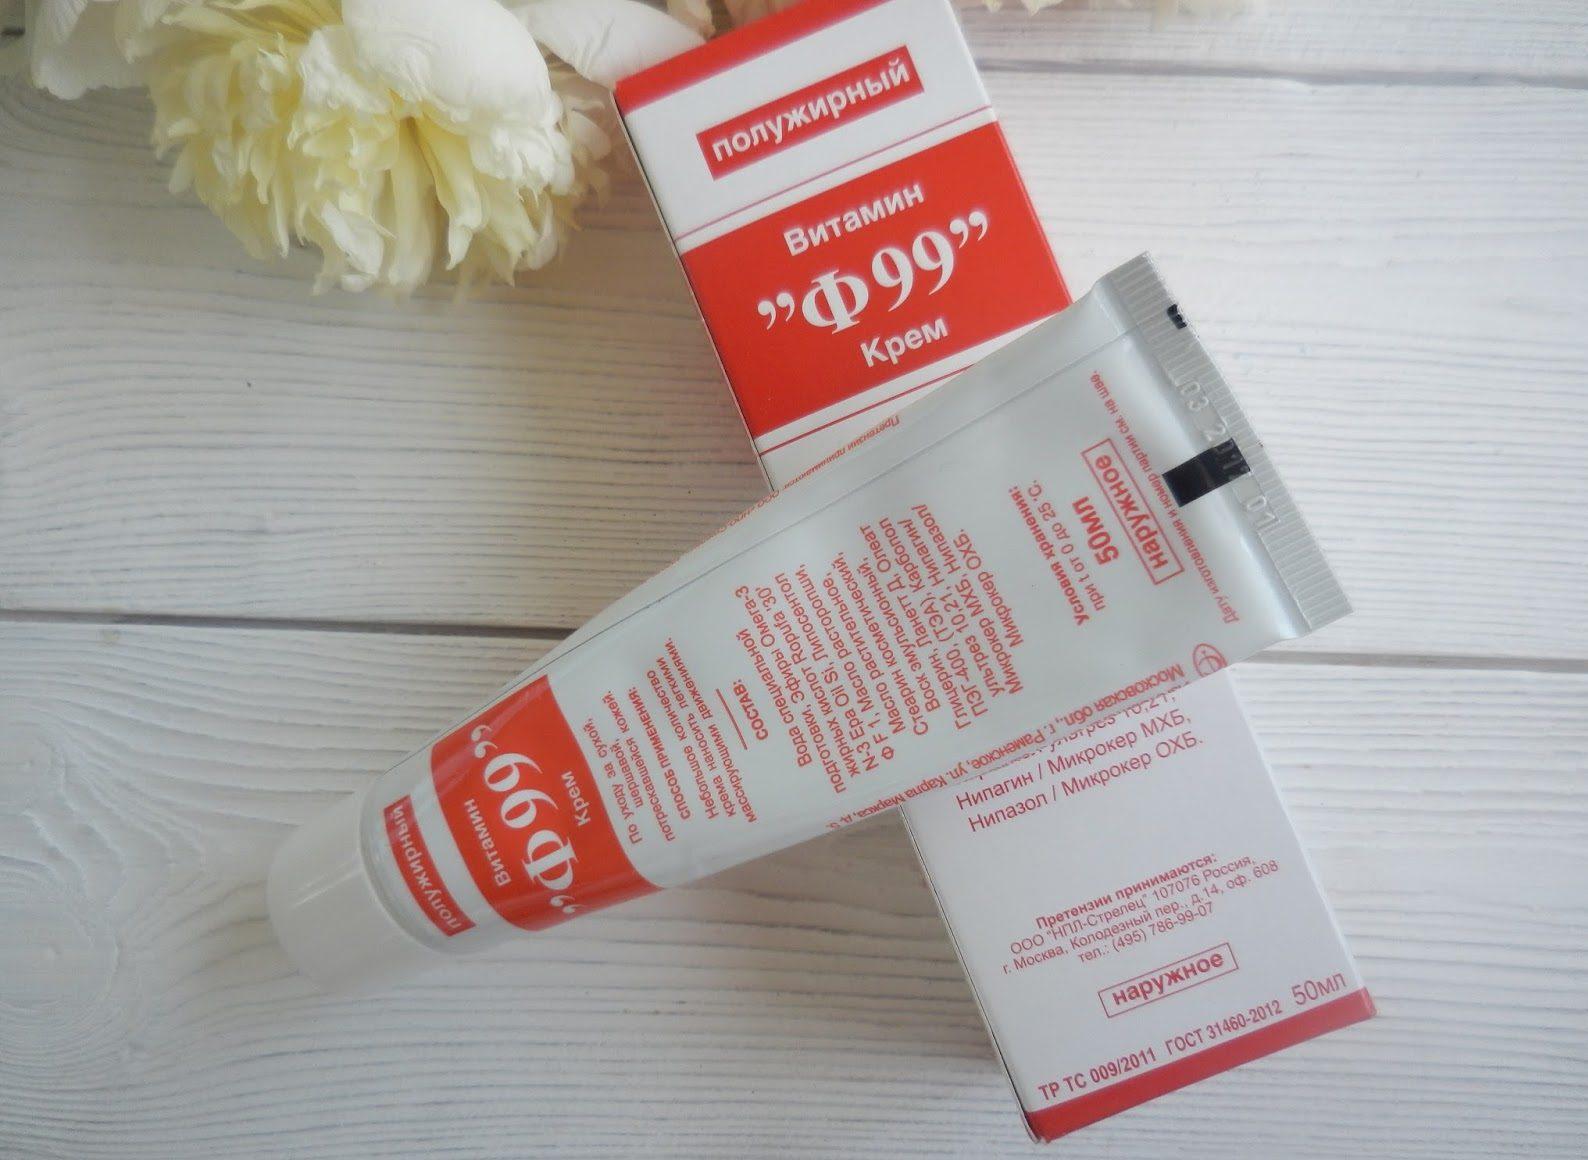 otzyvy-kosmetologov-vitamin-f99